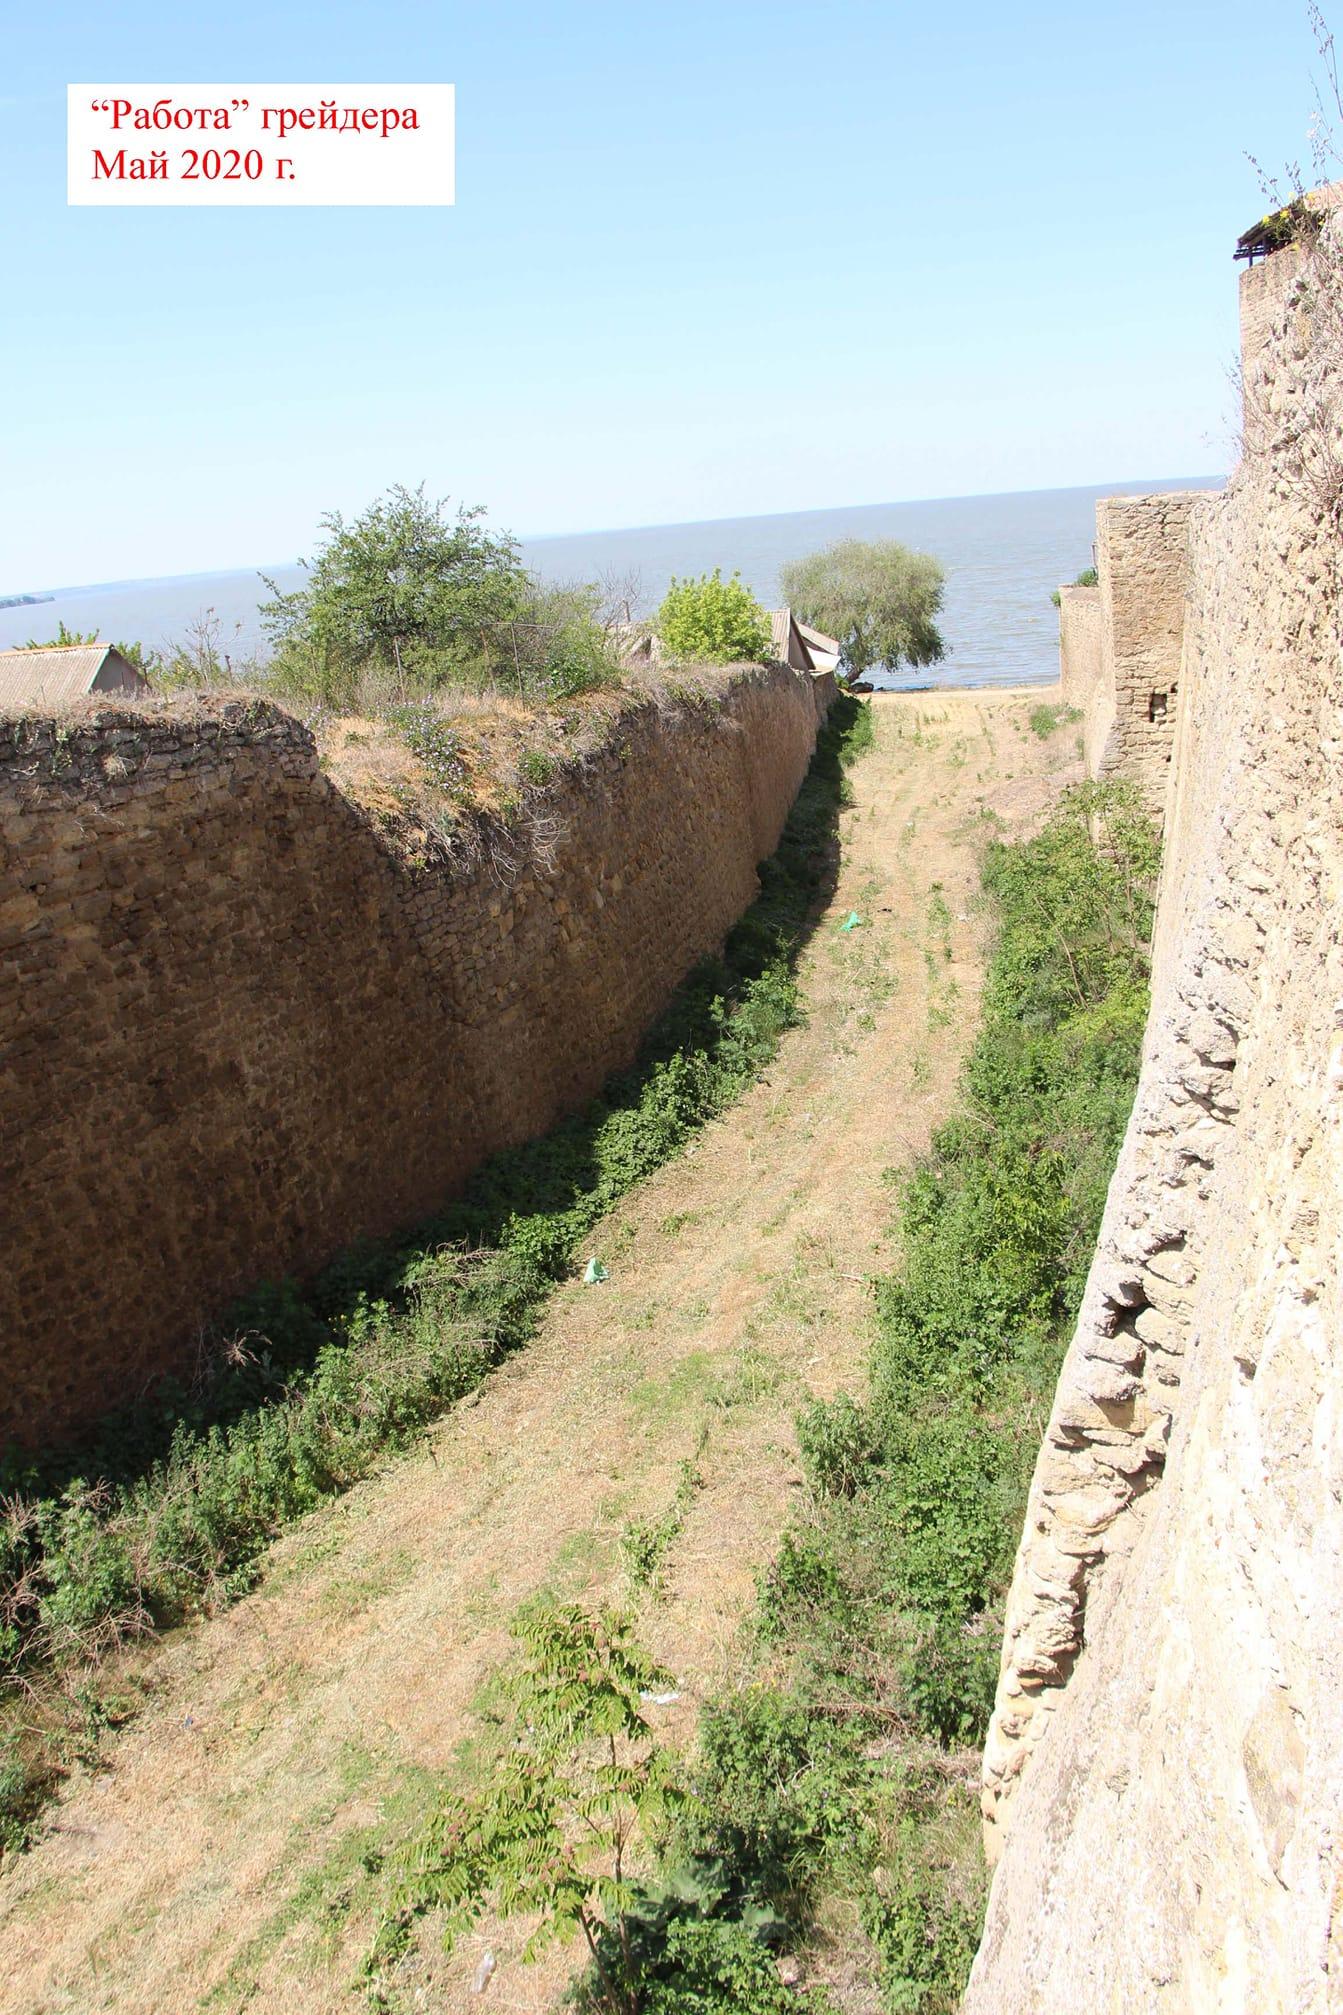 Засыпанный мусором и запущенный ров расчищают: в Аккерманской крепости может появиться новый экскурсионный маршрут